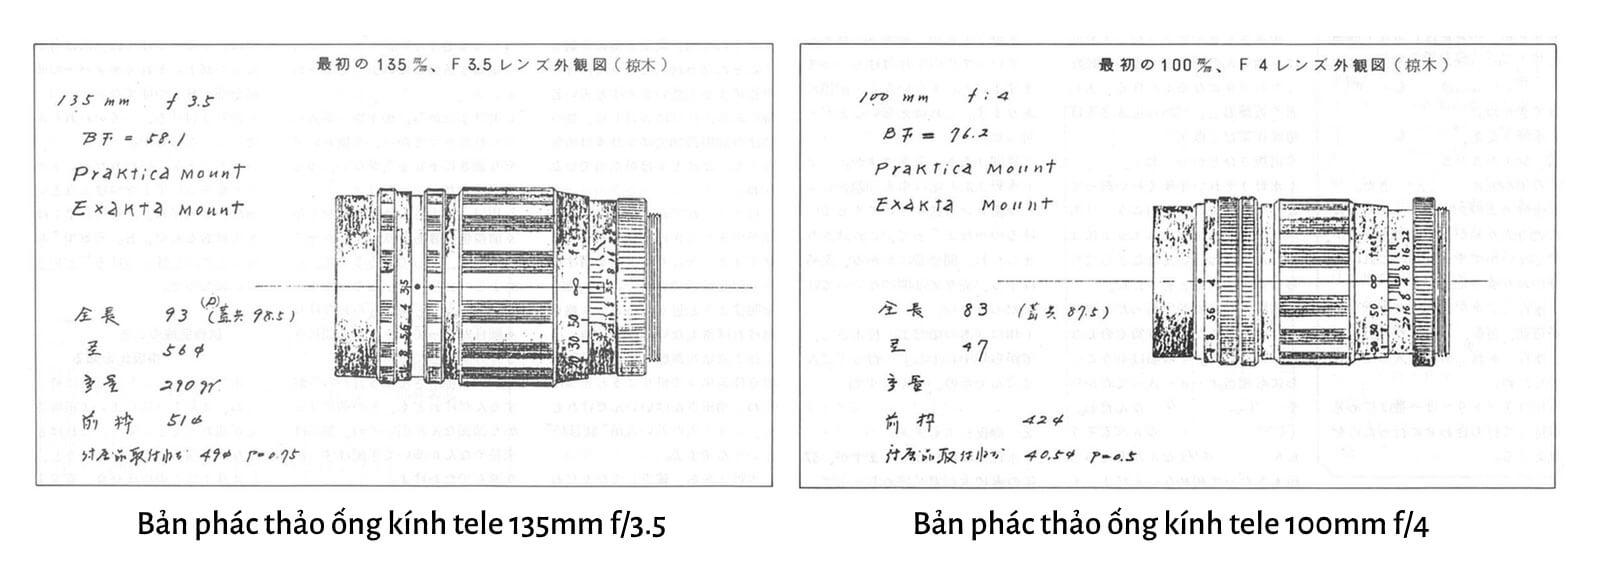 Bản phác thảo các mẫu ống kính Tokina đầu tiên được sản xuất